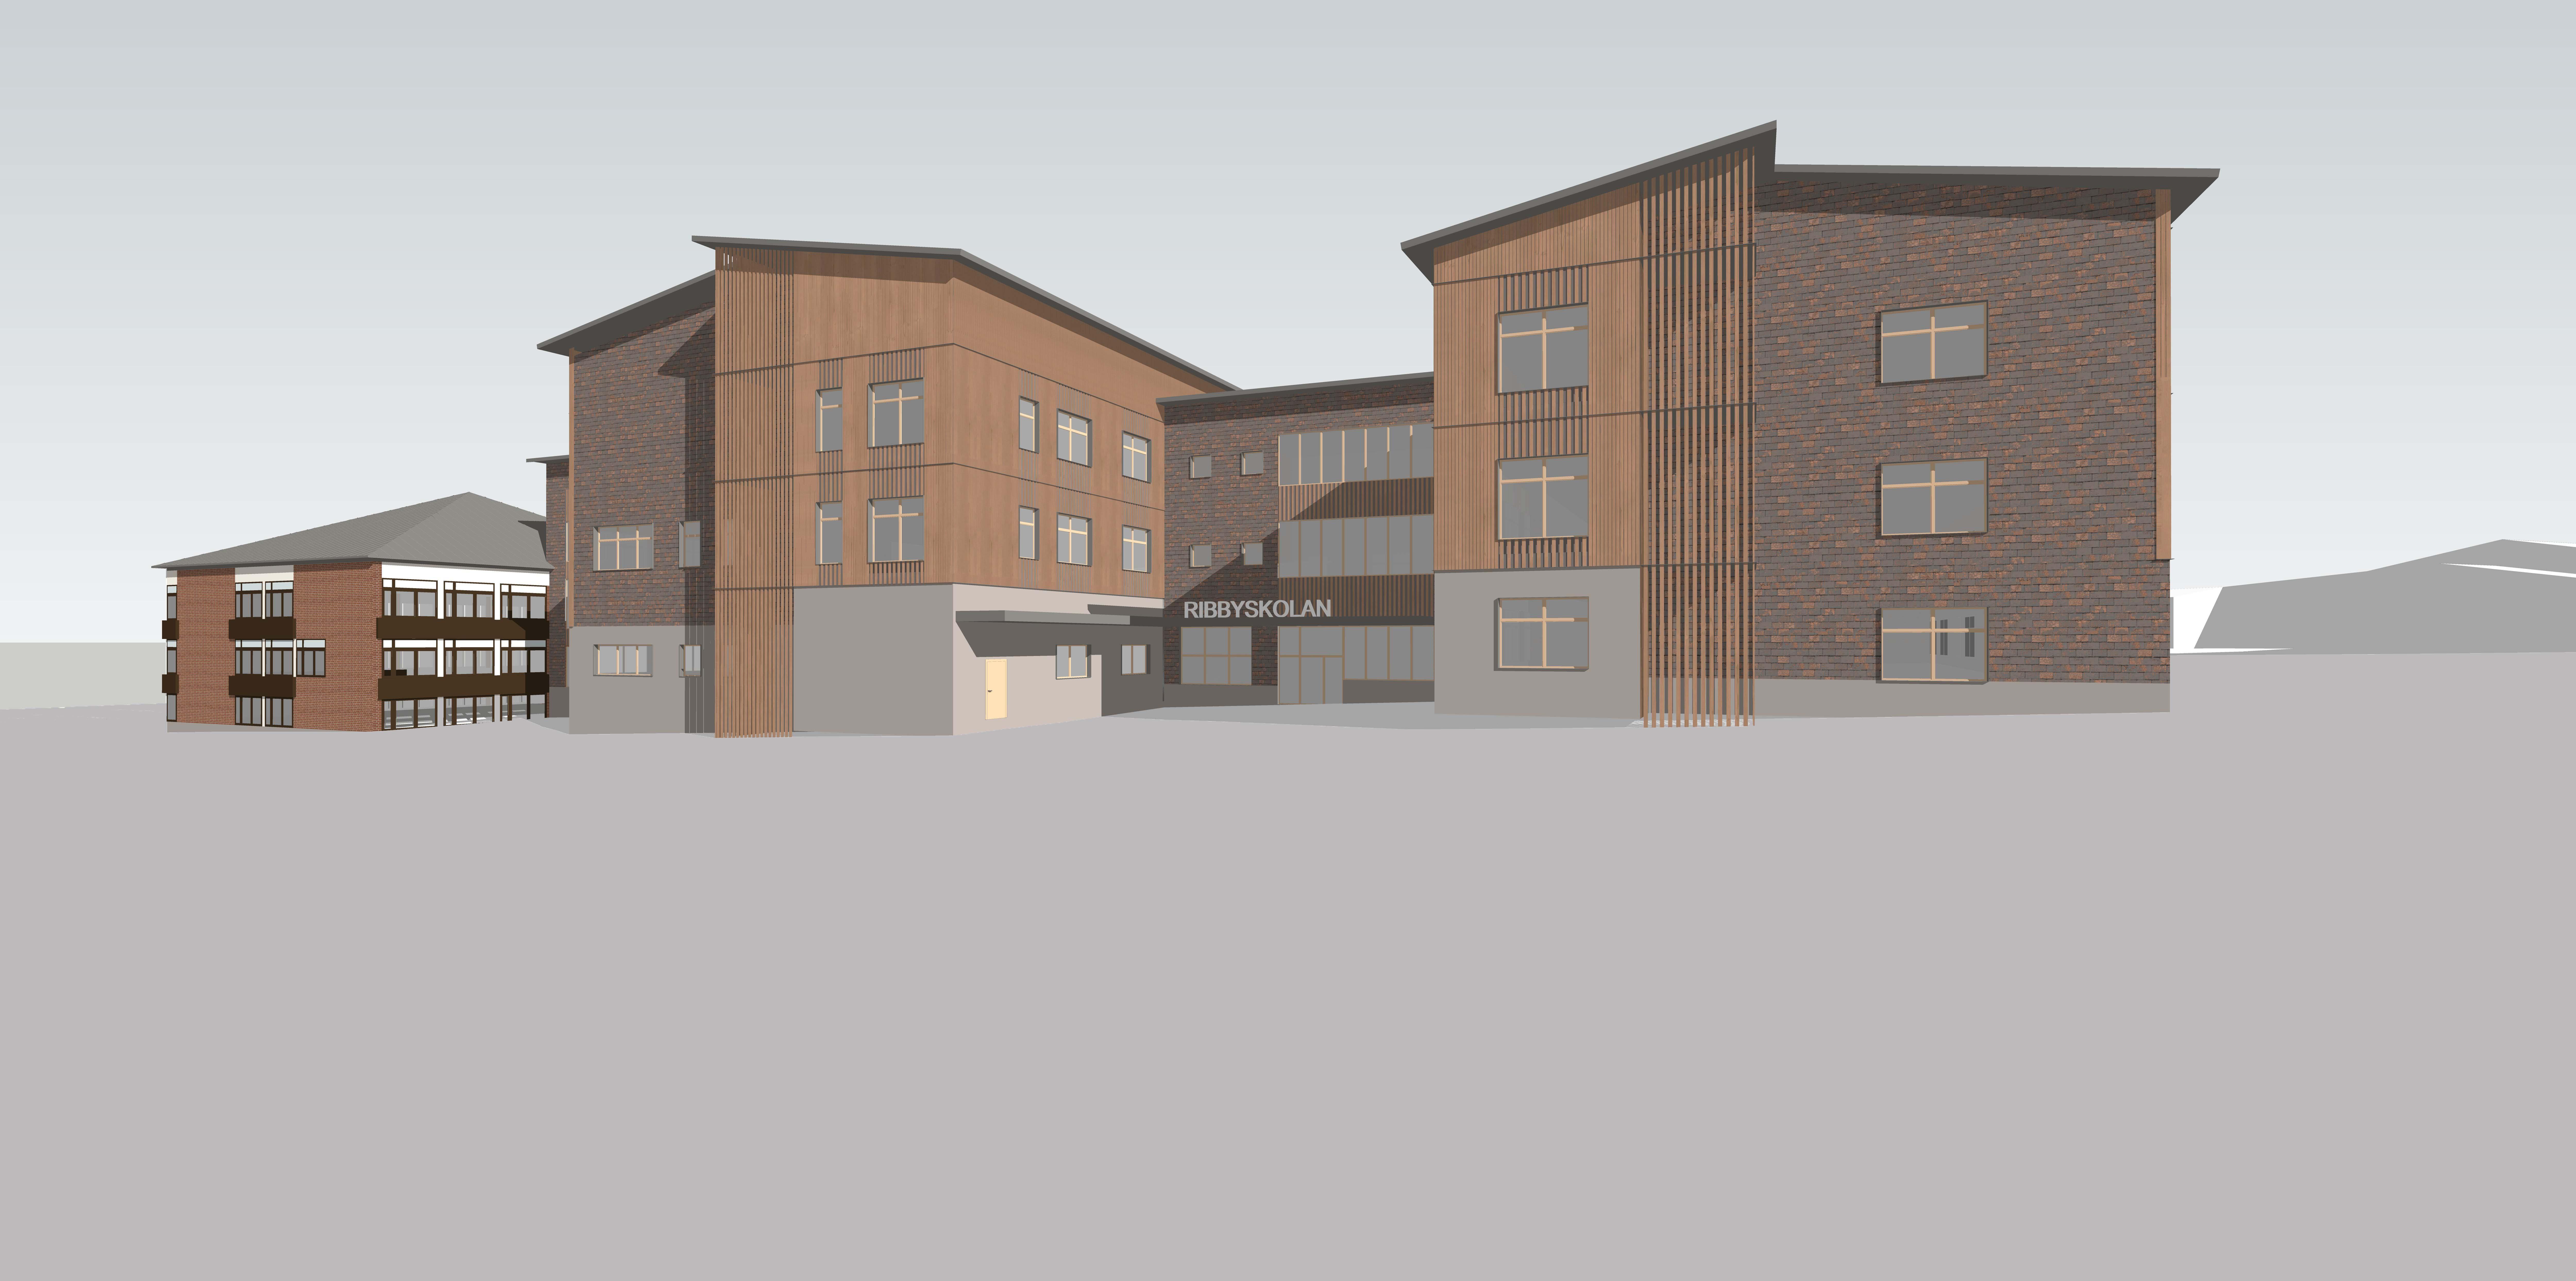 N20 har projekterat el-och telesystem inför renovering och tillbyggnad av Ribbyskolan i Haninge Kommun.